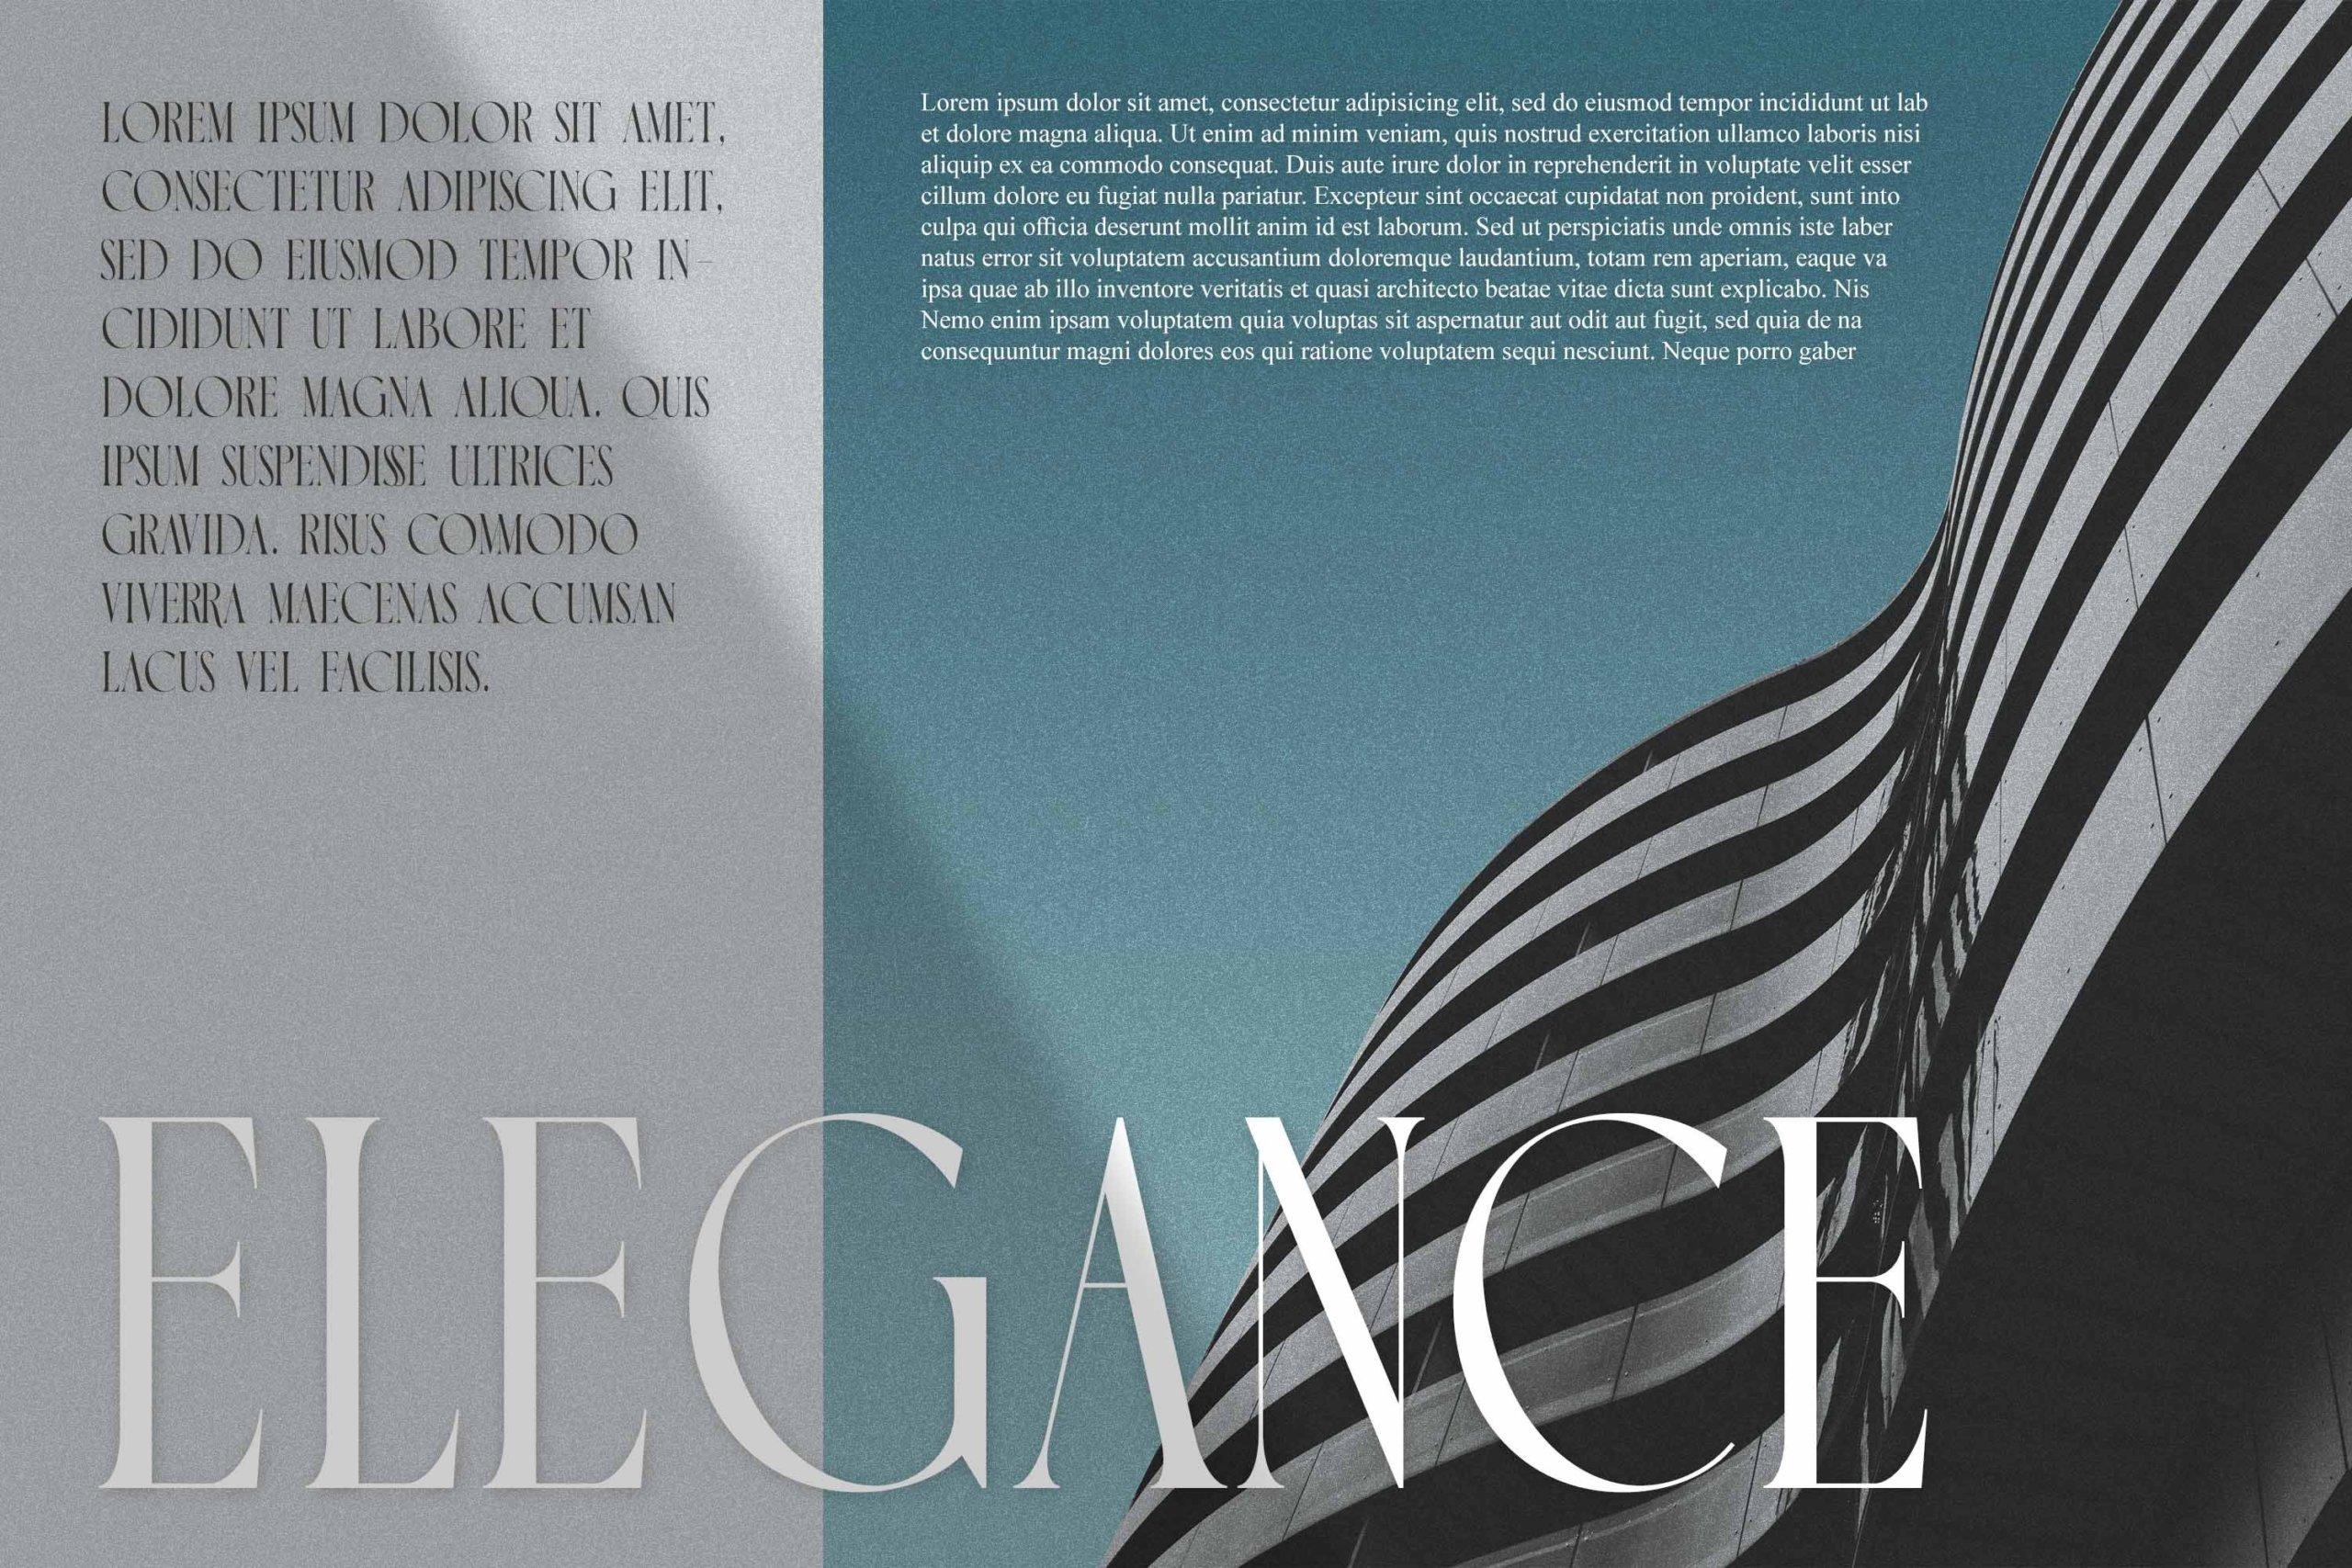 时尚极简现代品牌Logo标题衬线英文字体设计素材 Luxoorea – Stylish Display Serif插图4